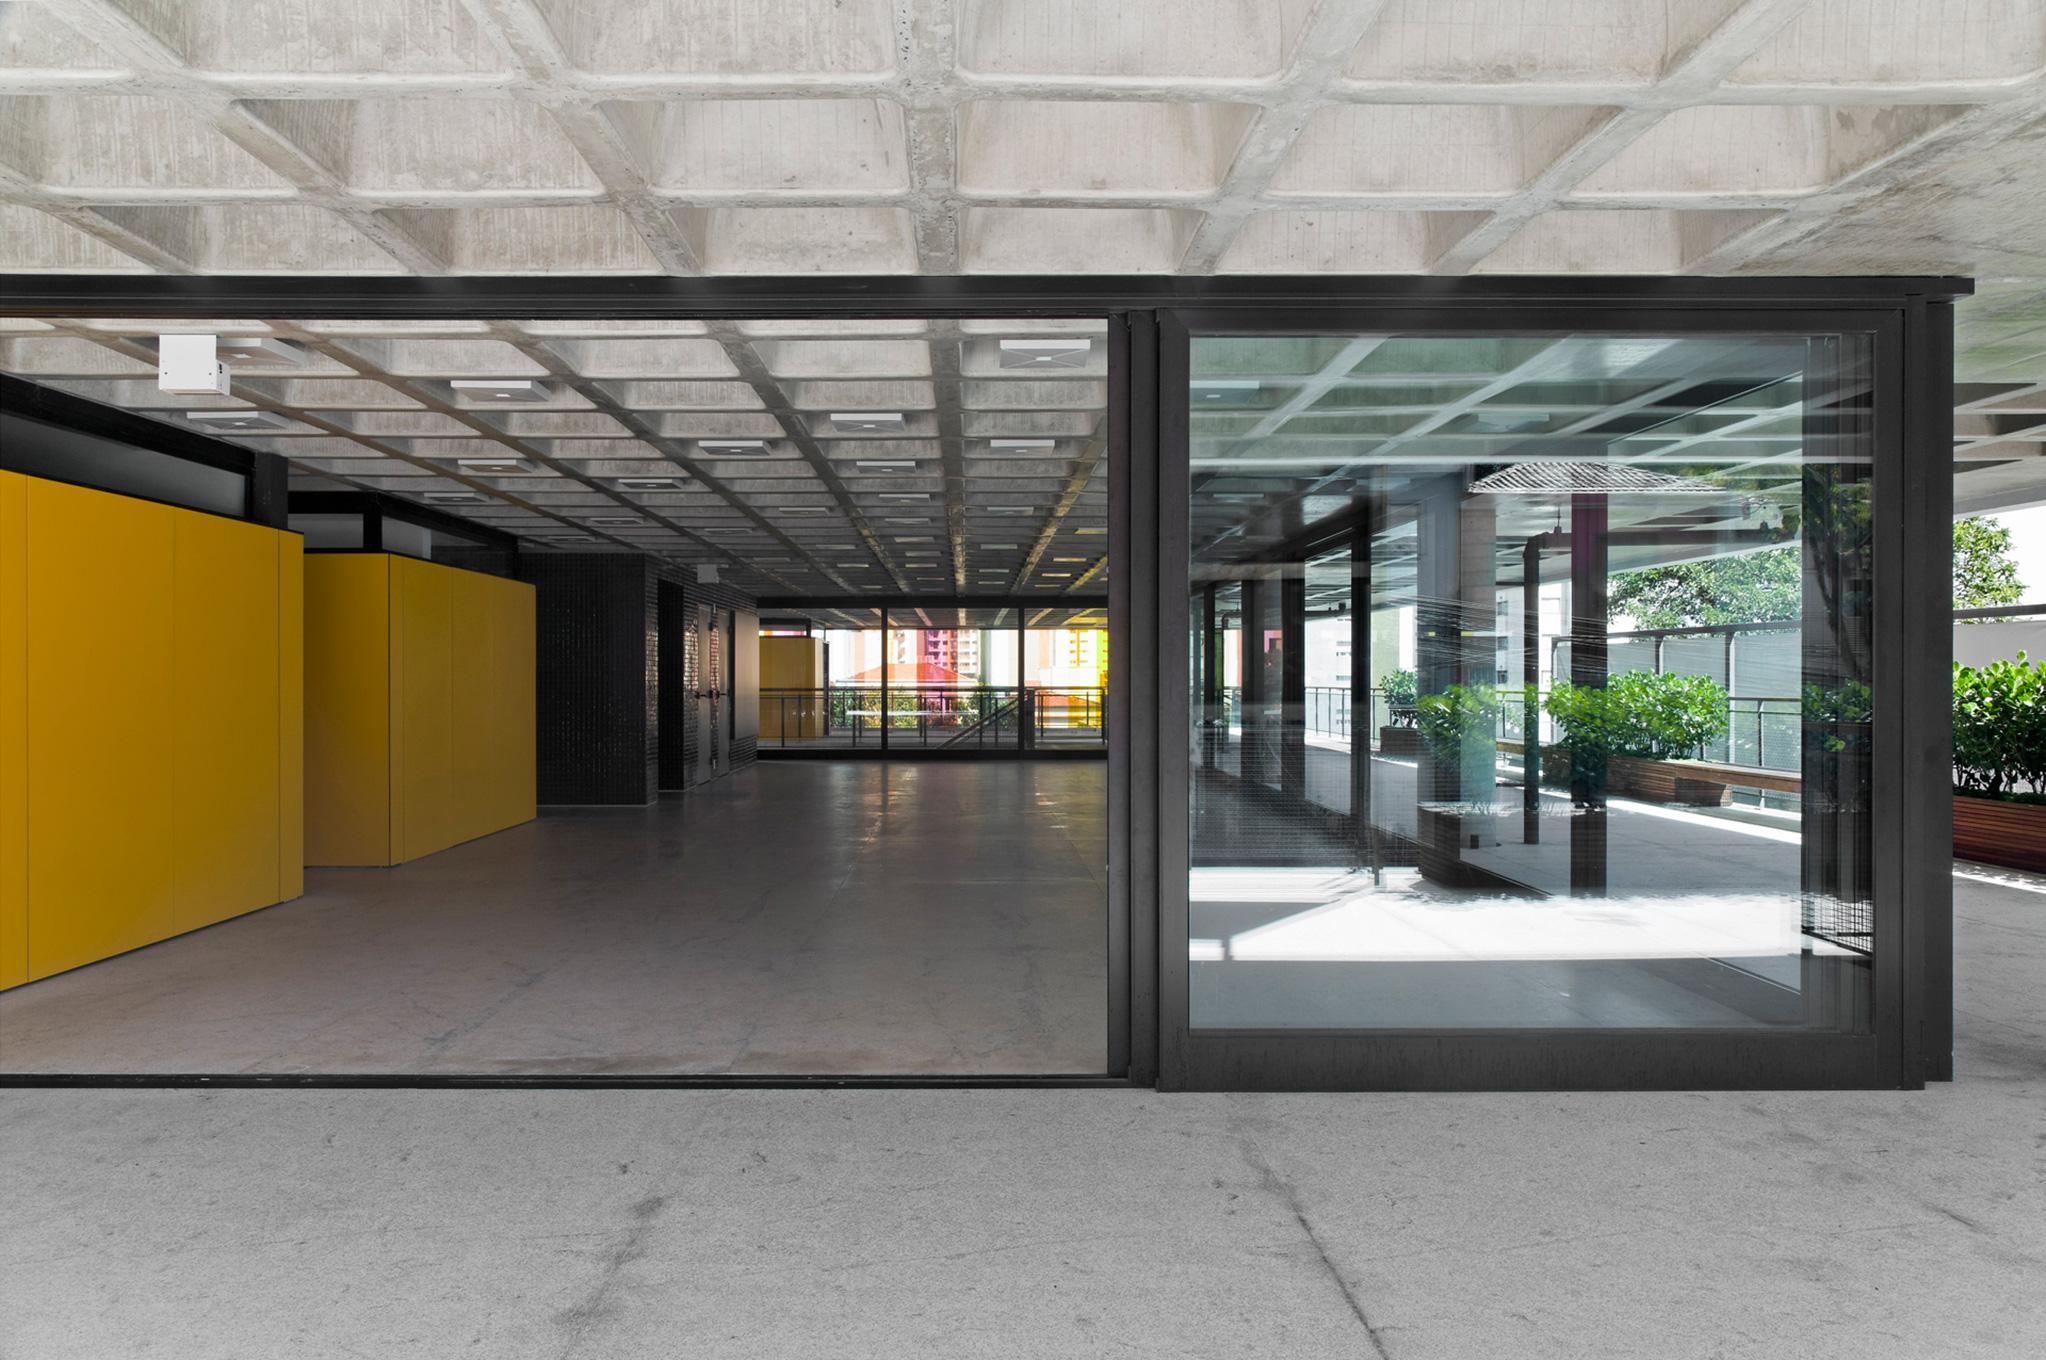 gui-mattos-2012-edificio-bruxelas-01.jpg